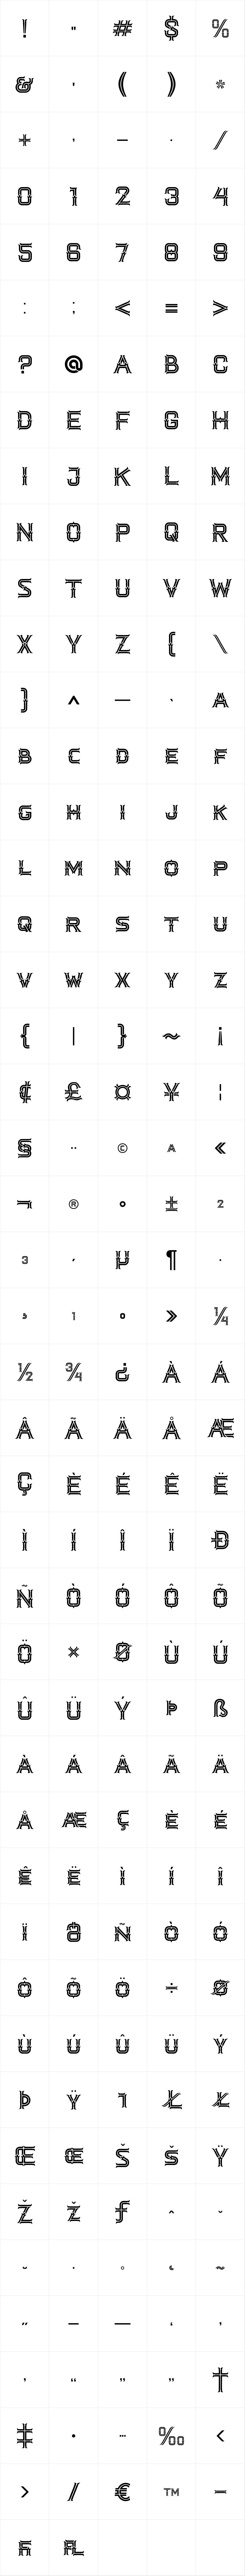 Dacota Typeface Basic